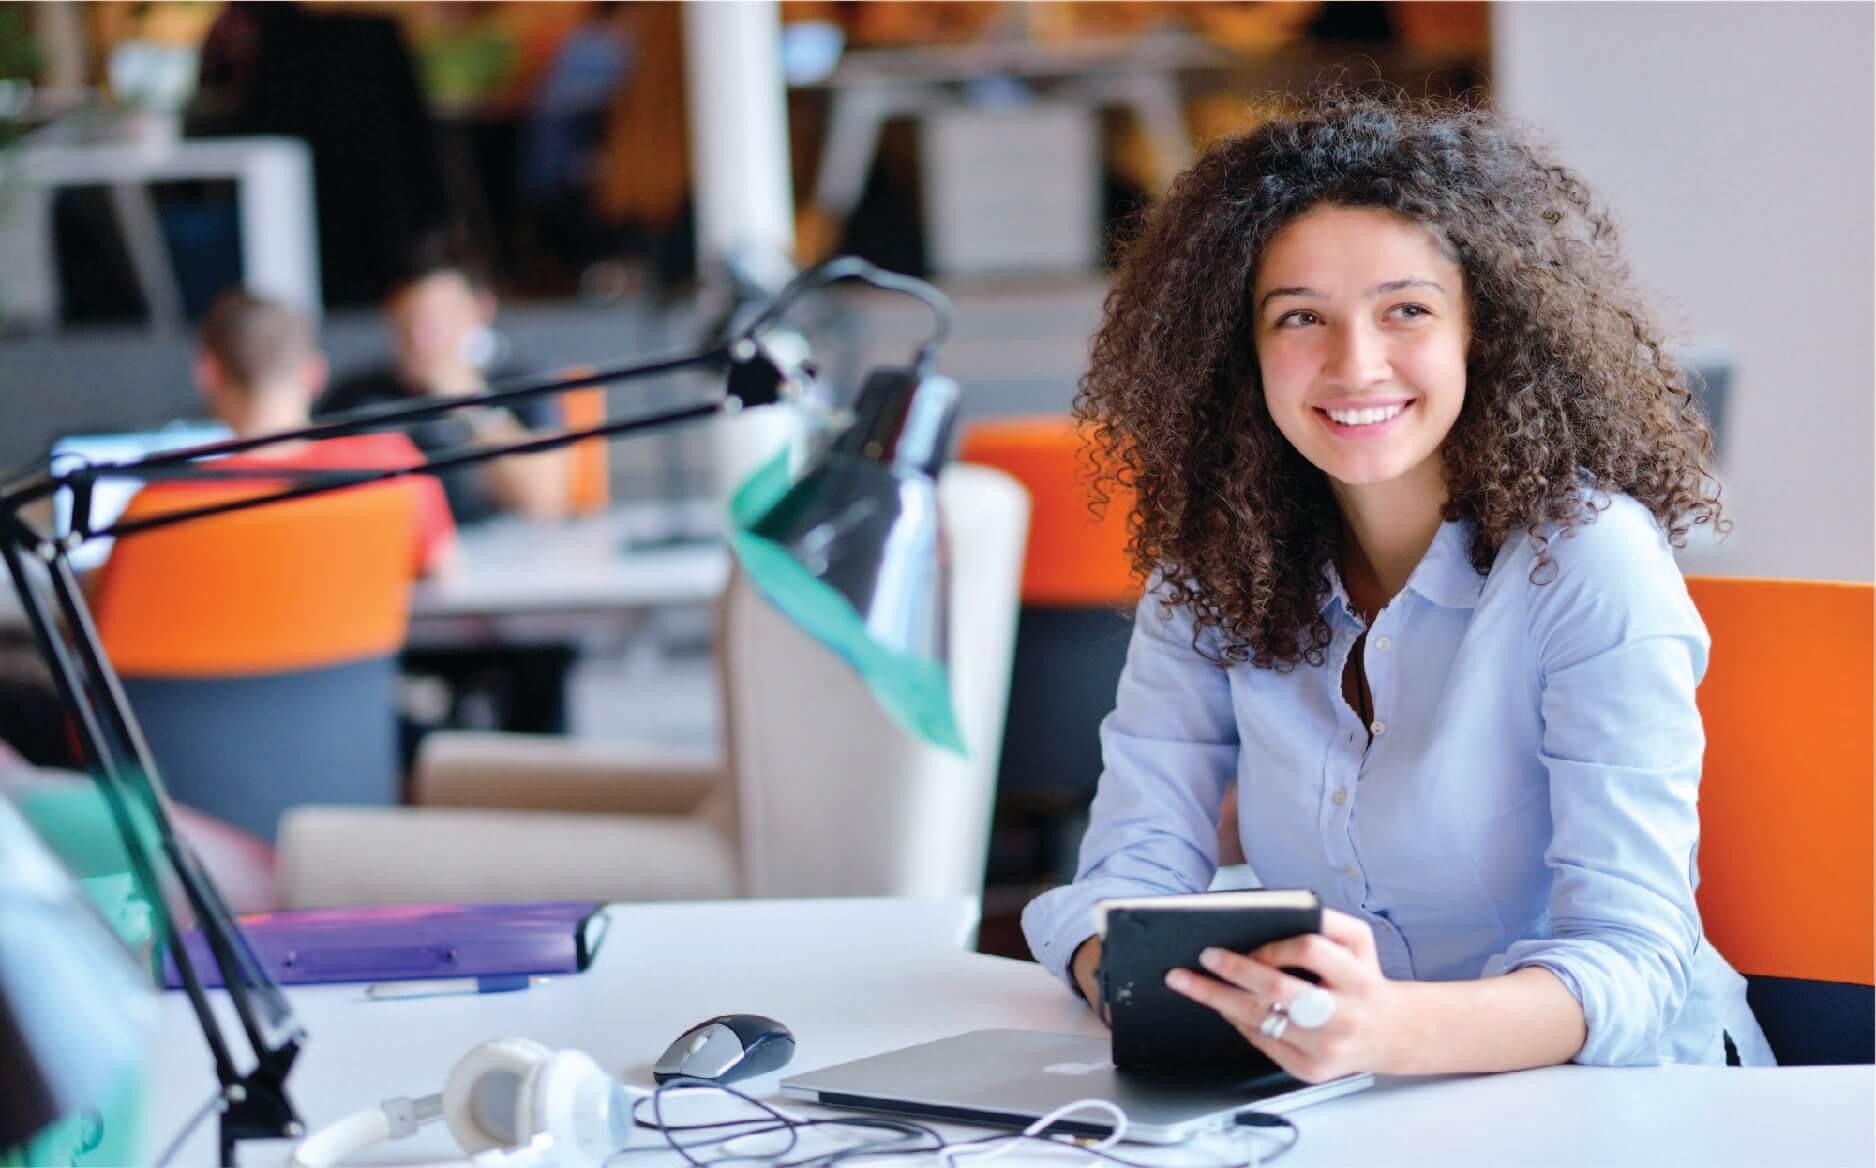 Young entrepreneurship | The Money Gig